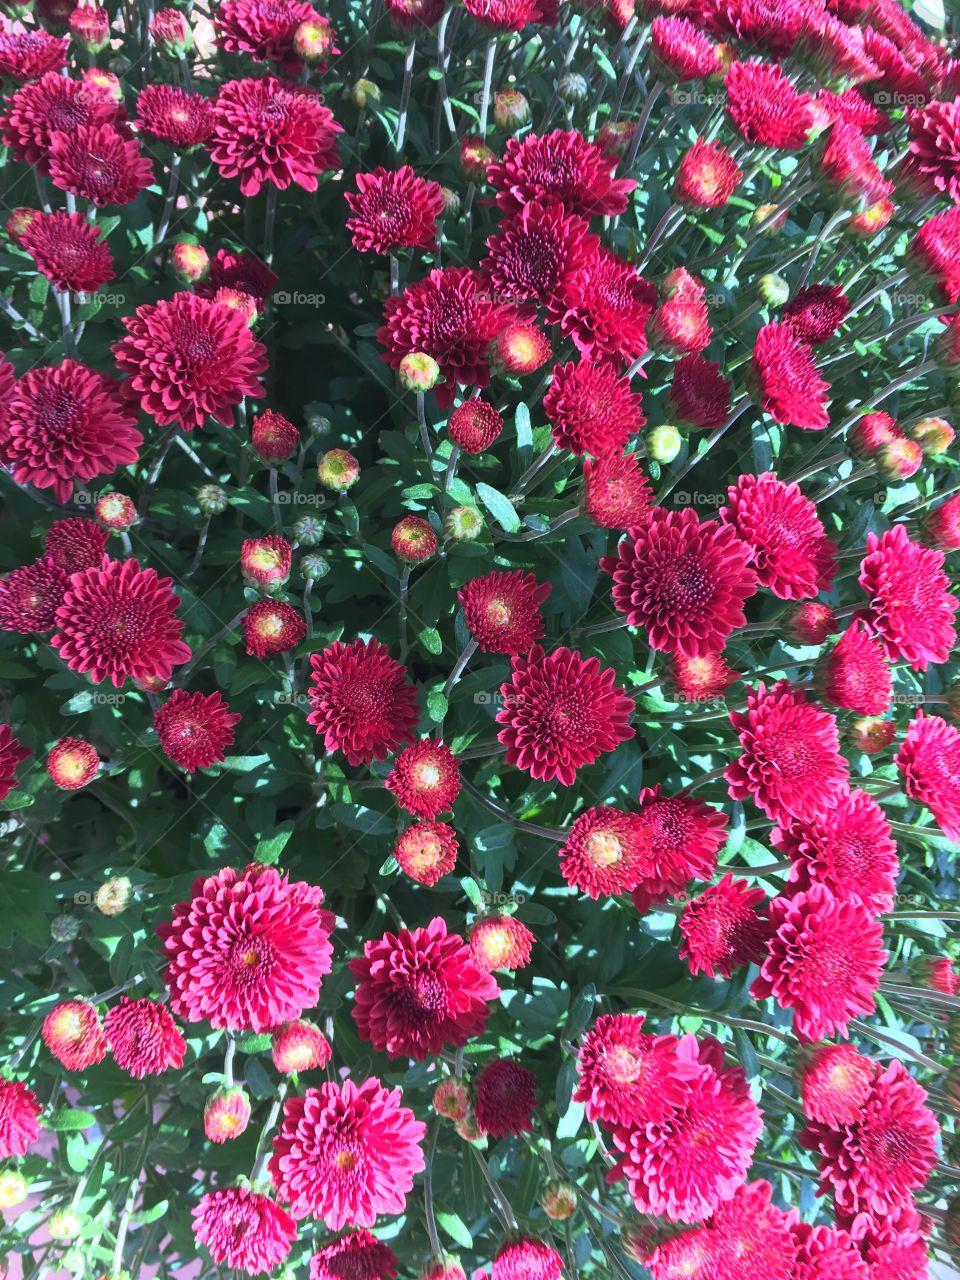 Mums closeup red